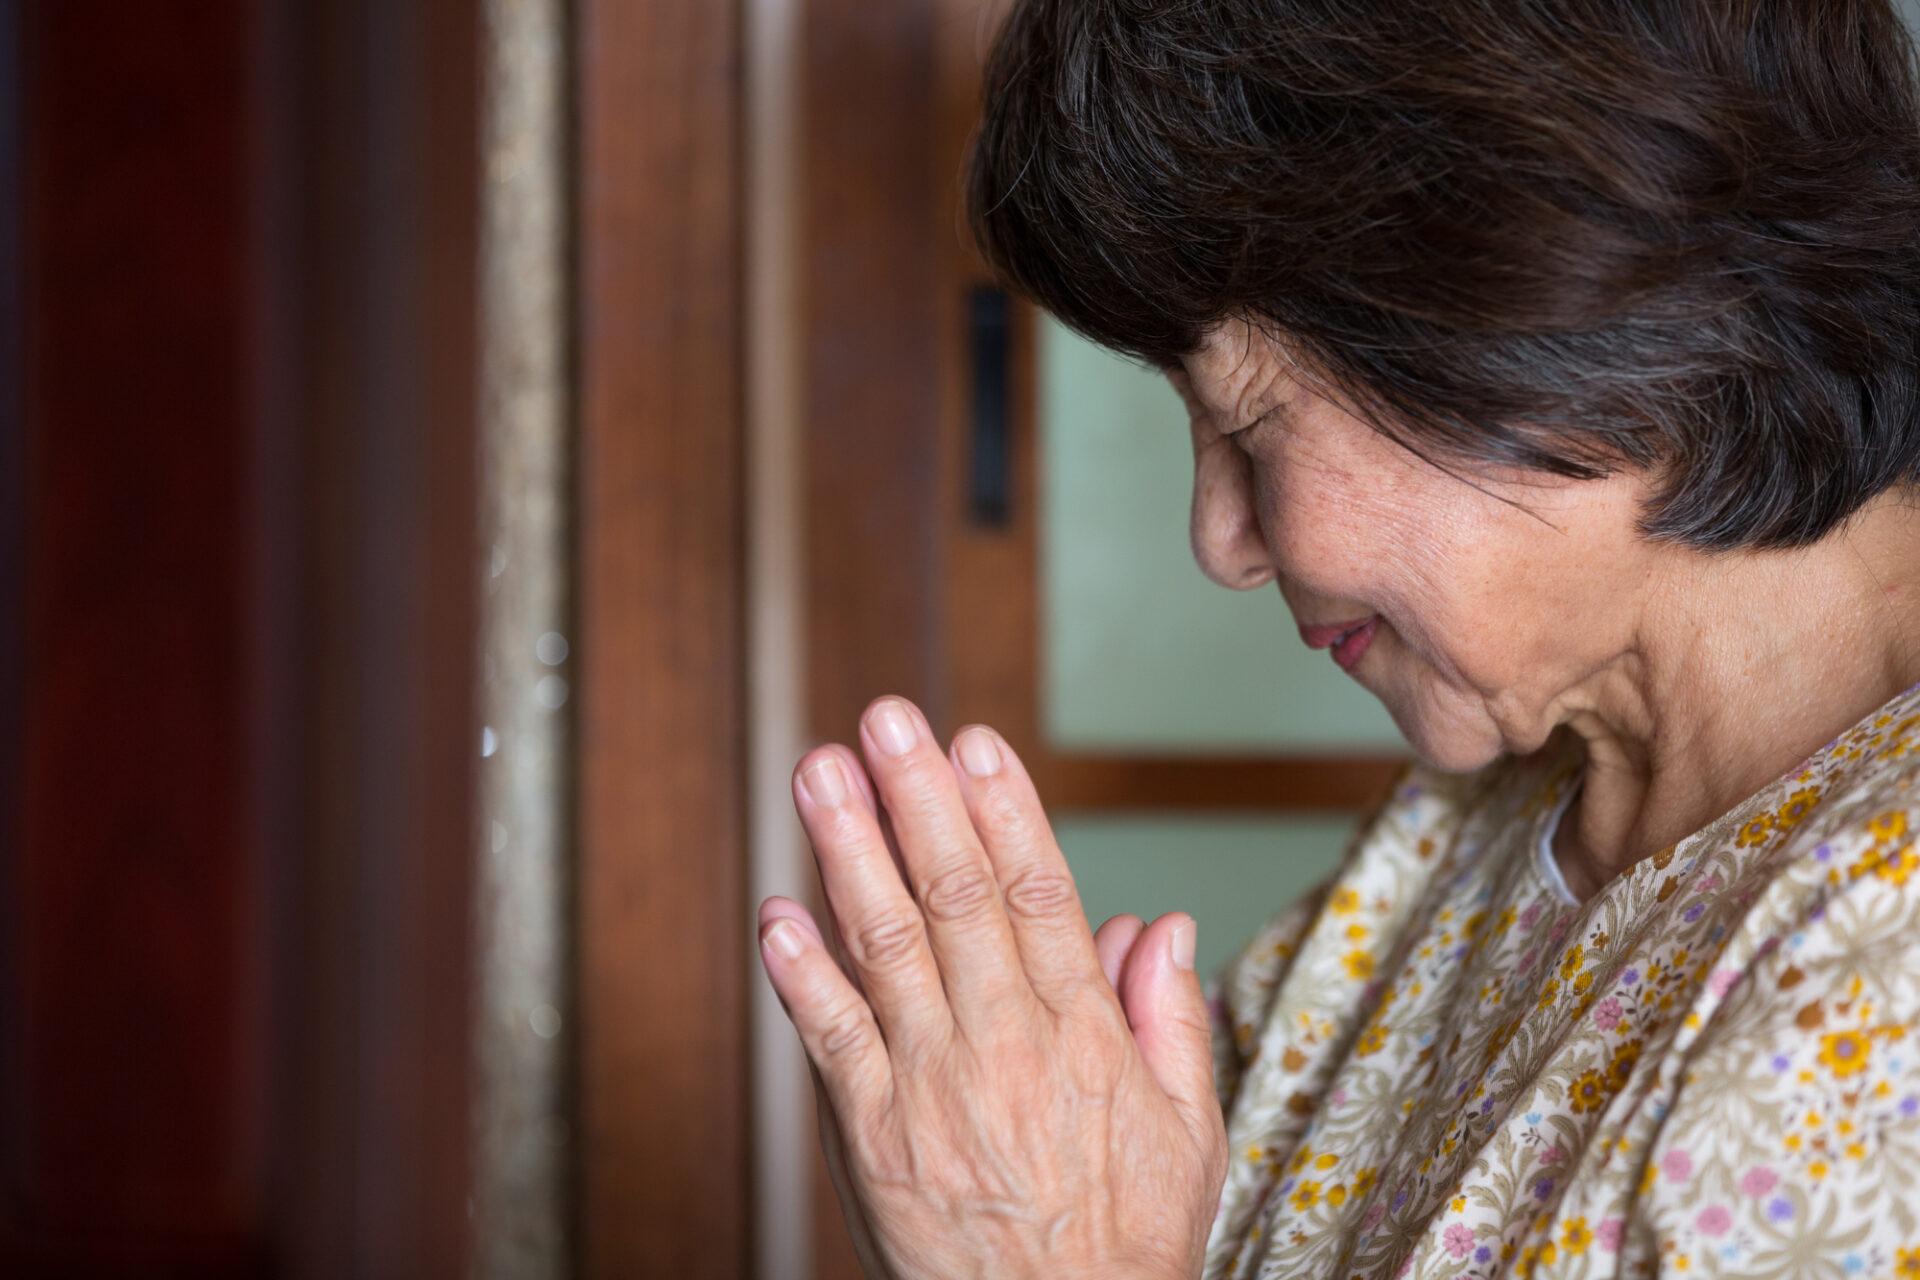 女性が手を合わせて黙祷する